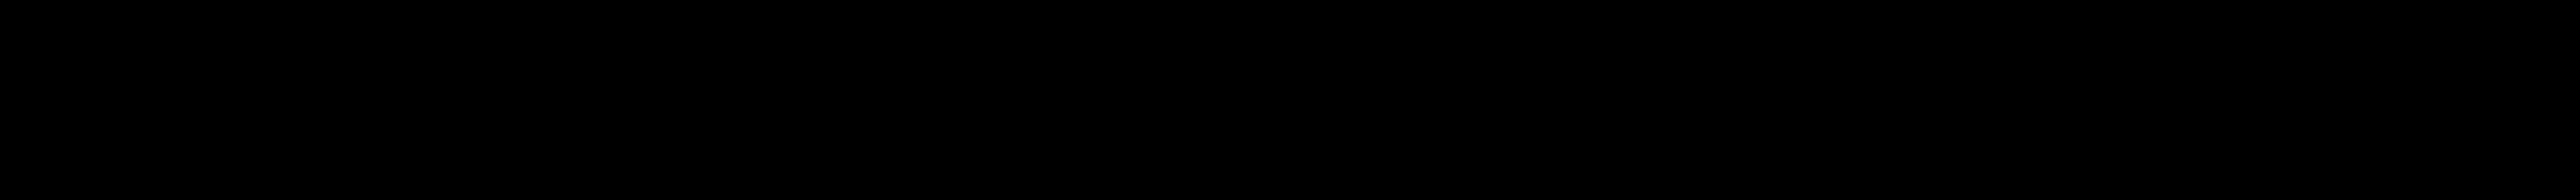 Sofachrome Light